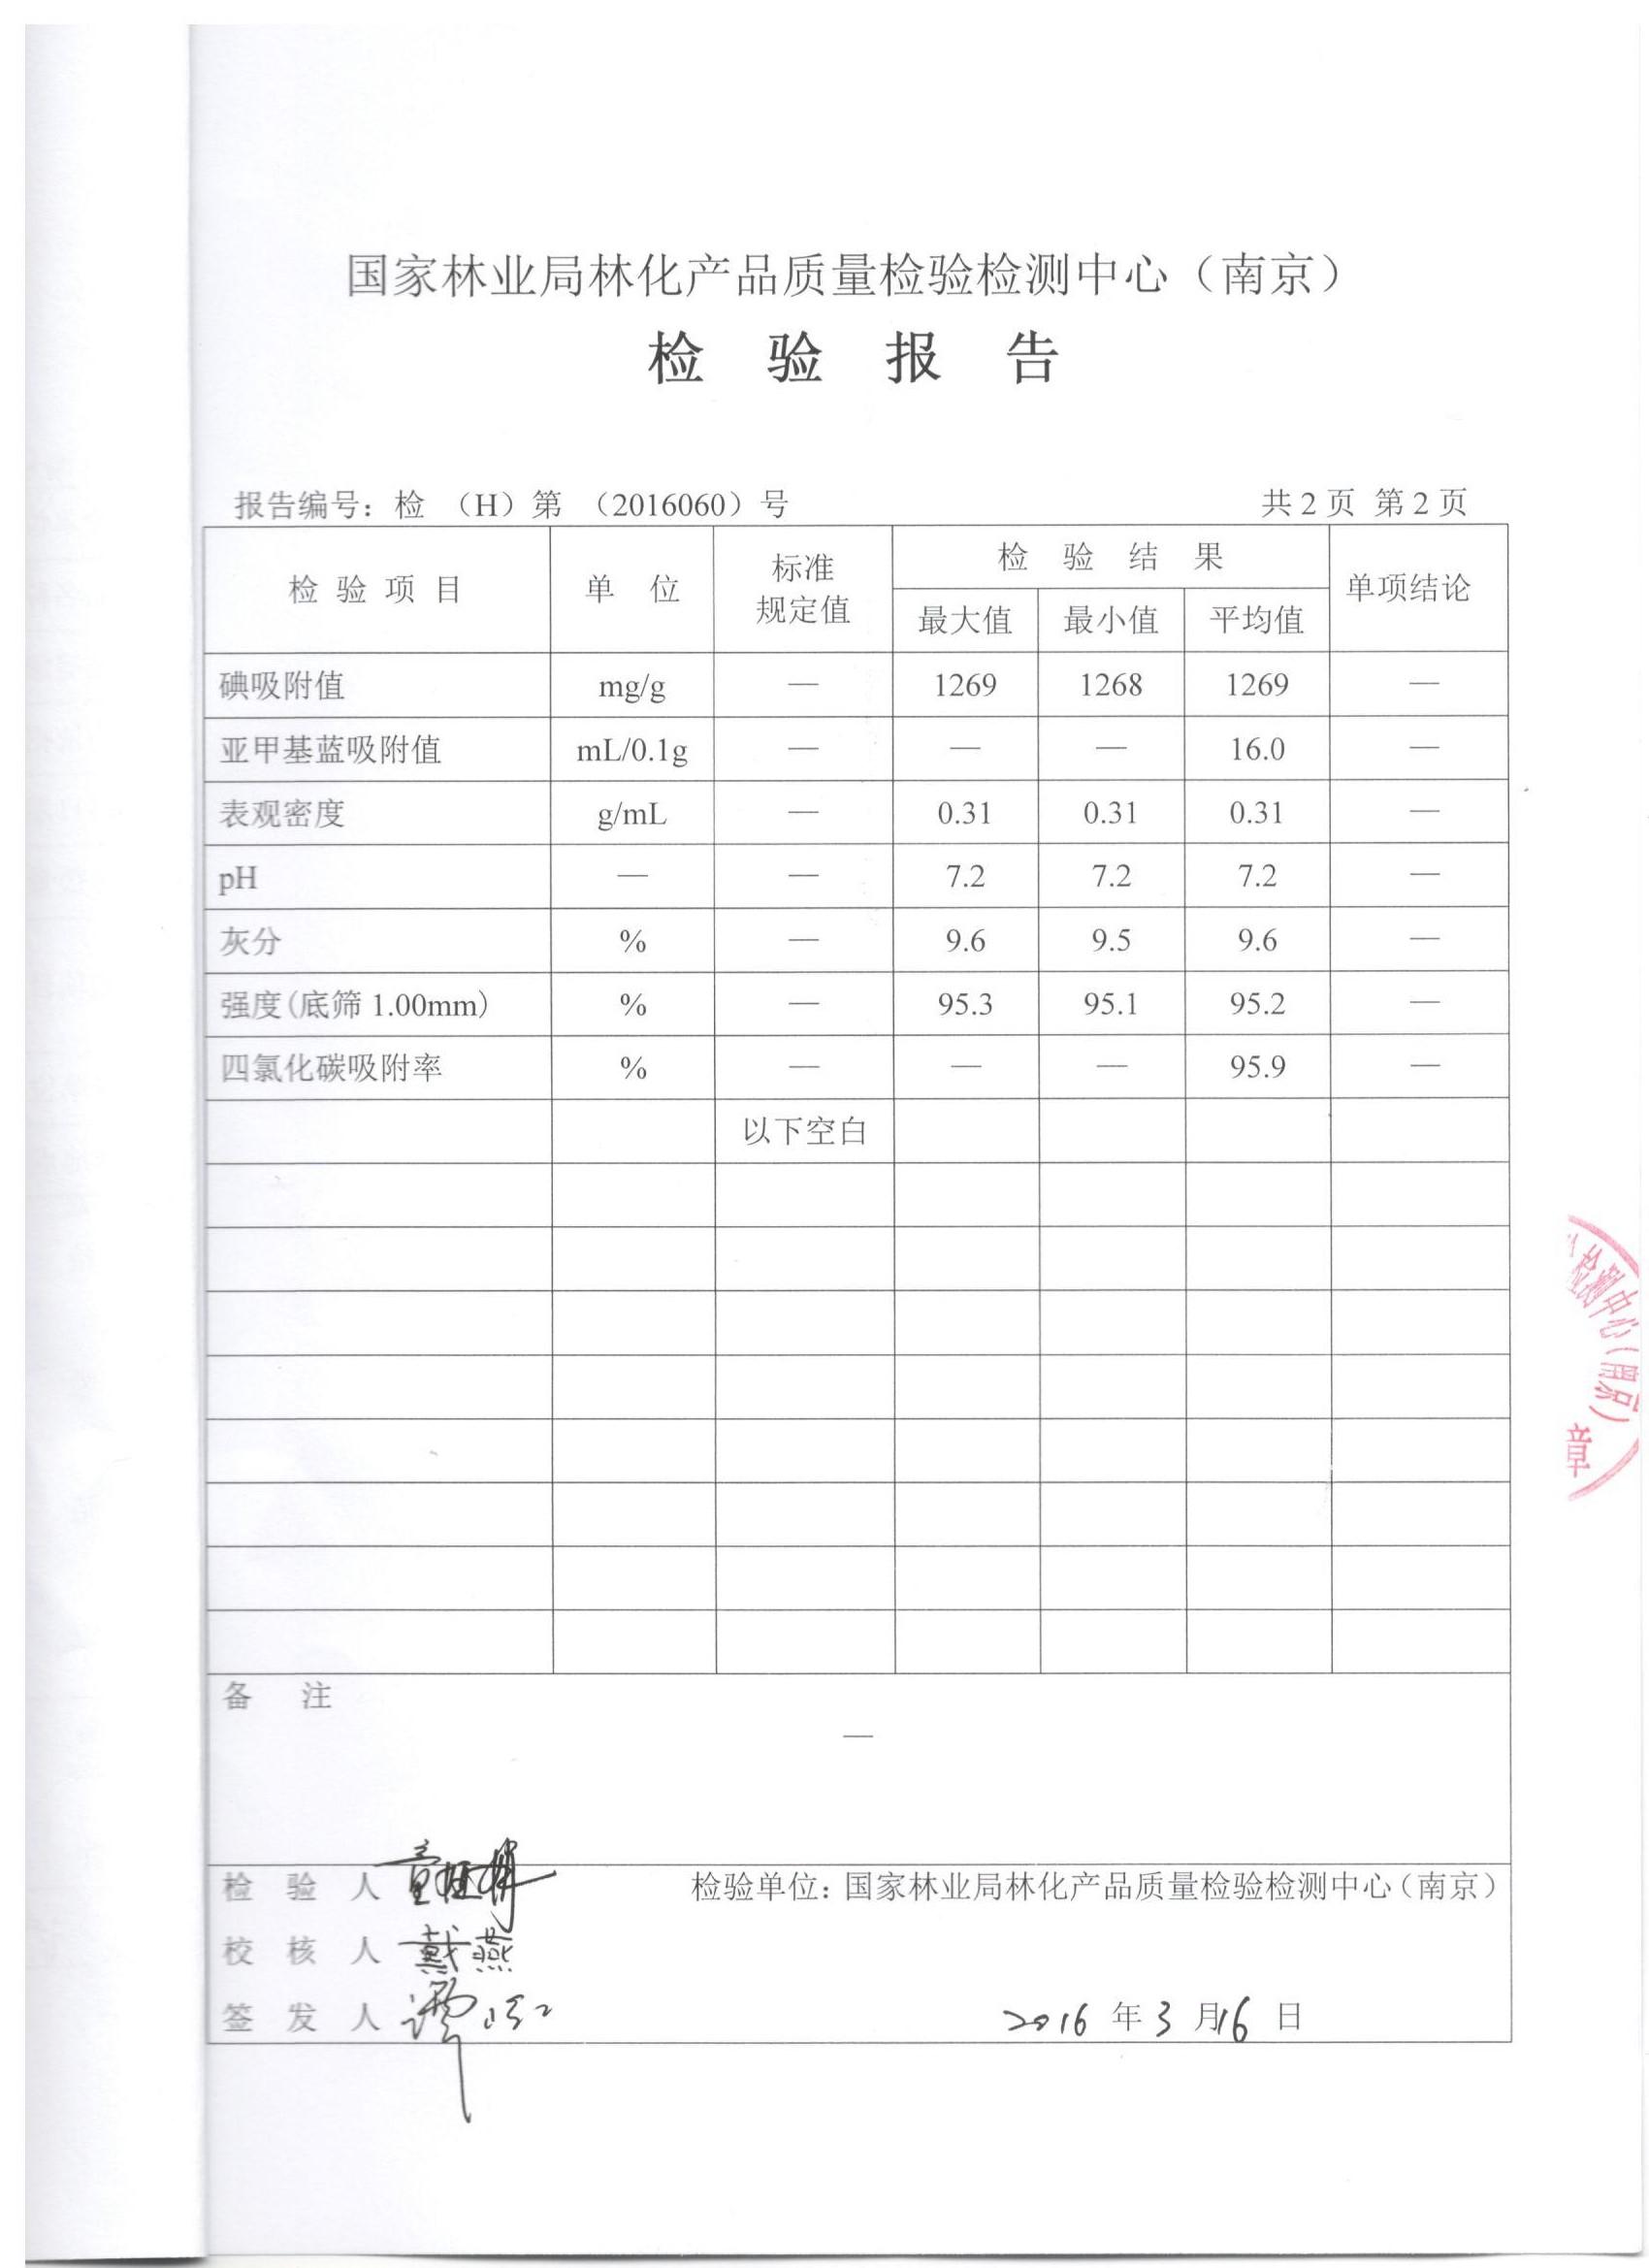 国家林业局林化产品质量检验检测中心(南京)检测报告 03